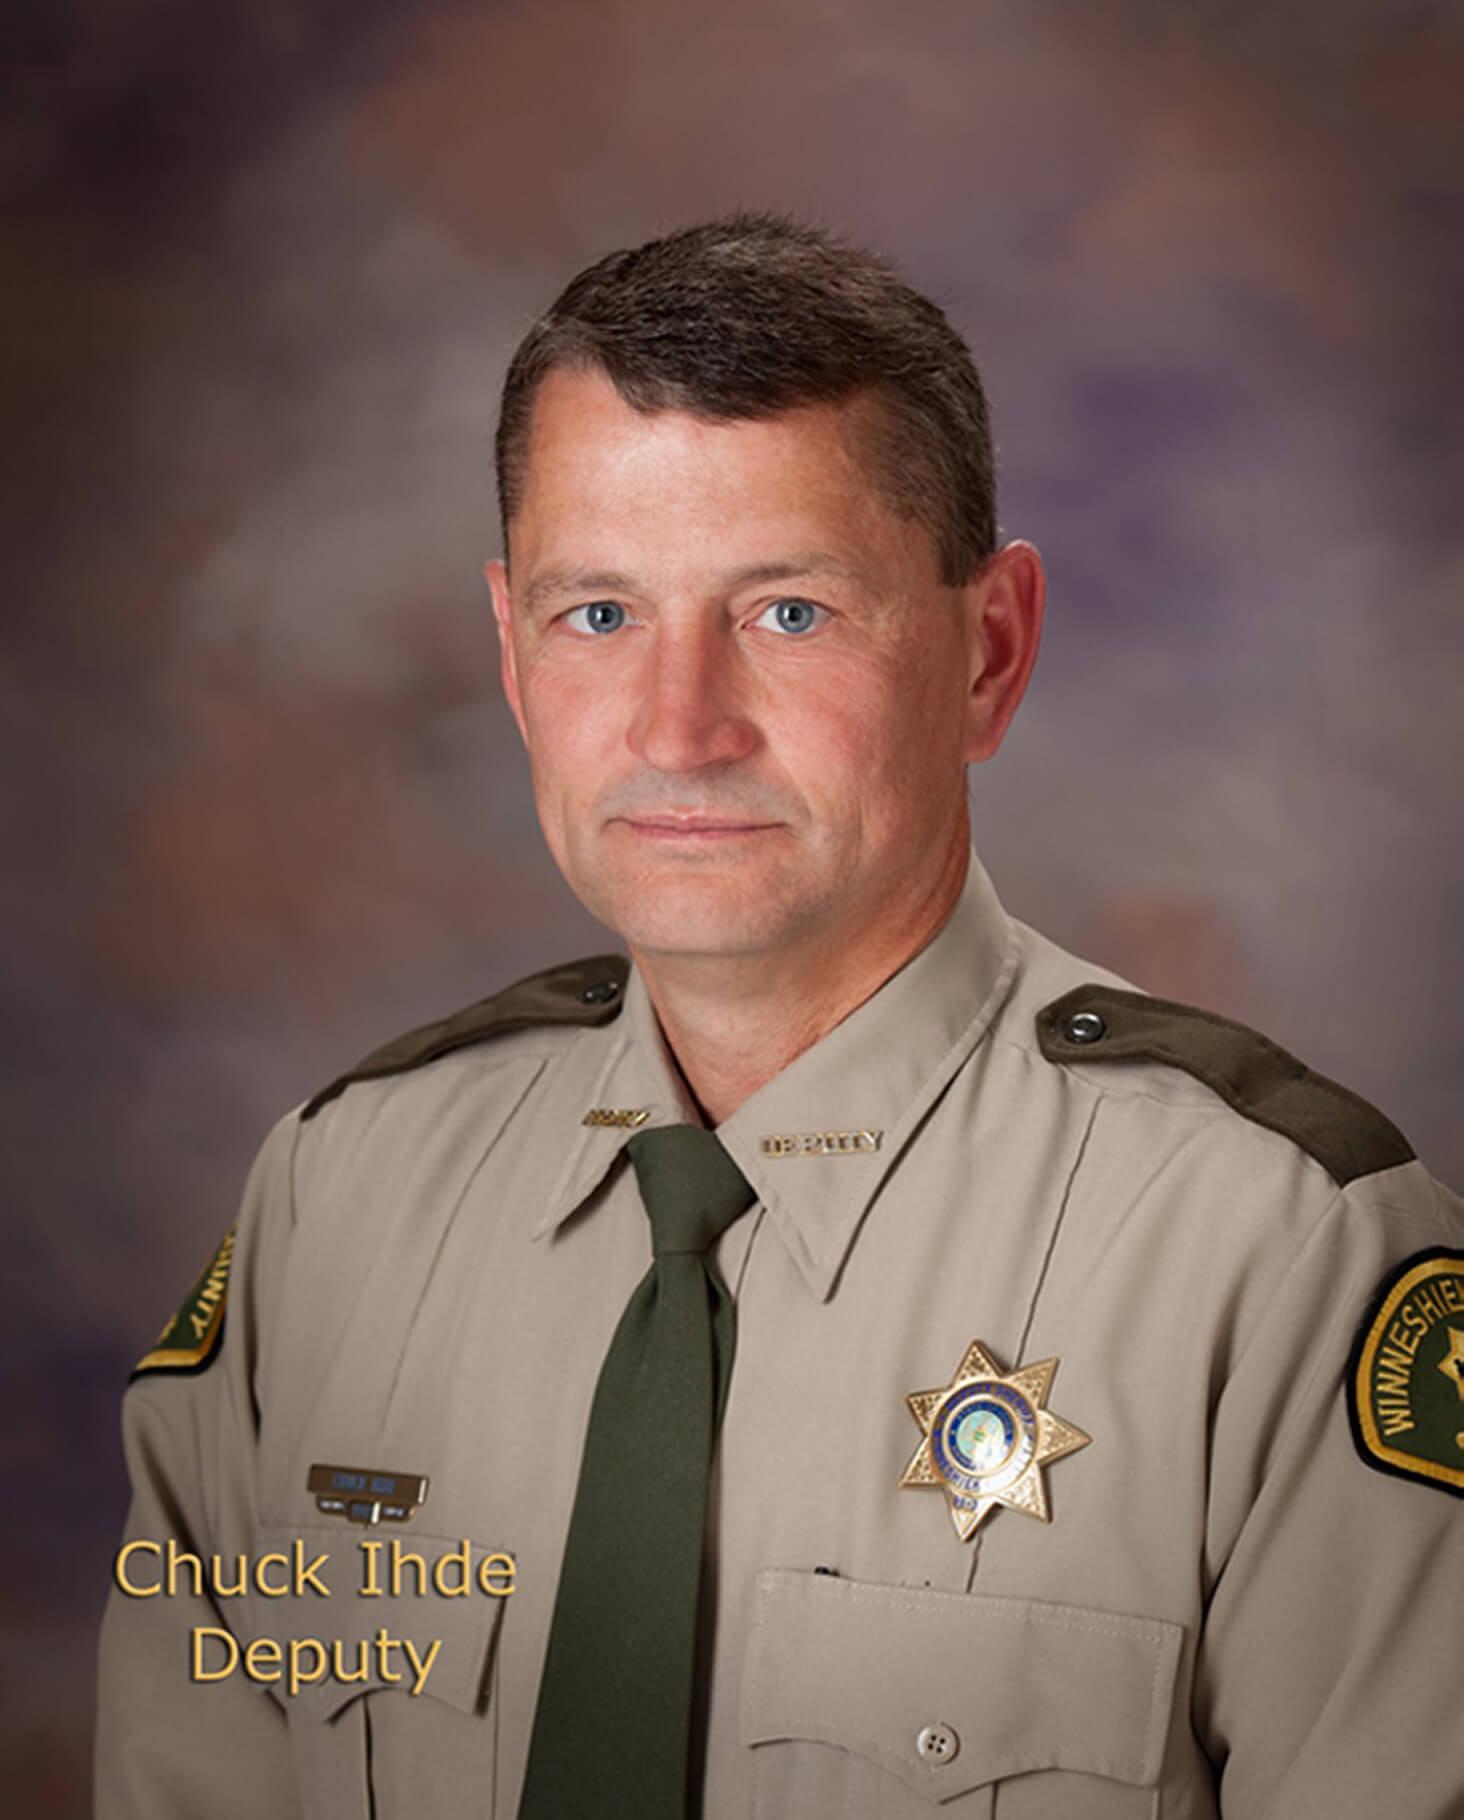 Chuck Ihde, Deputy Sheriff